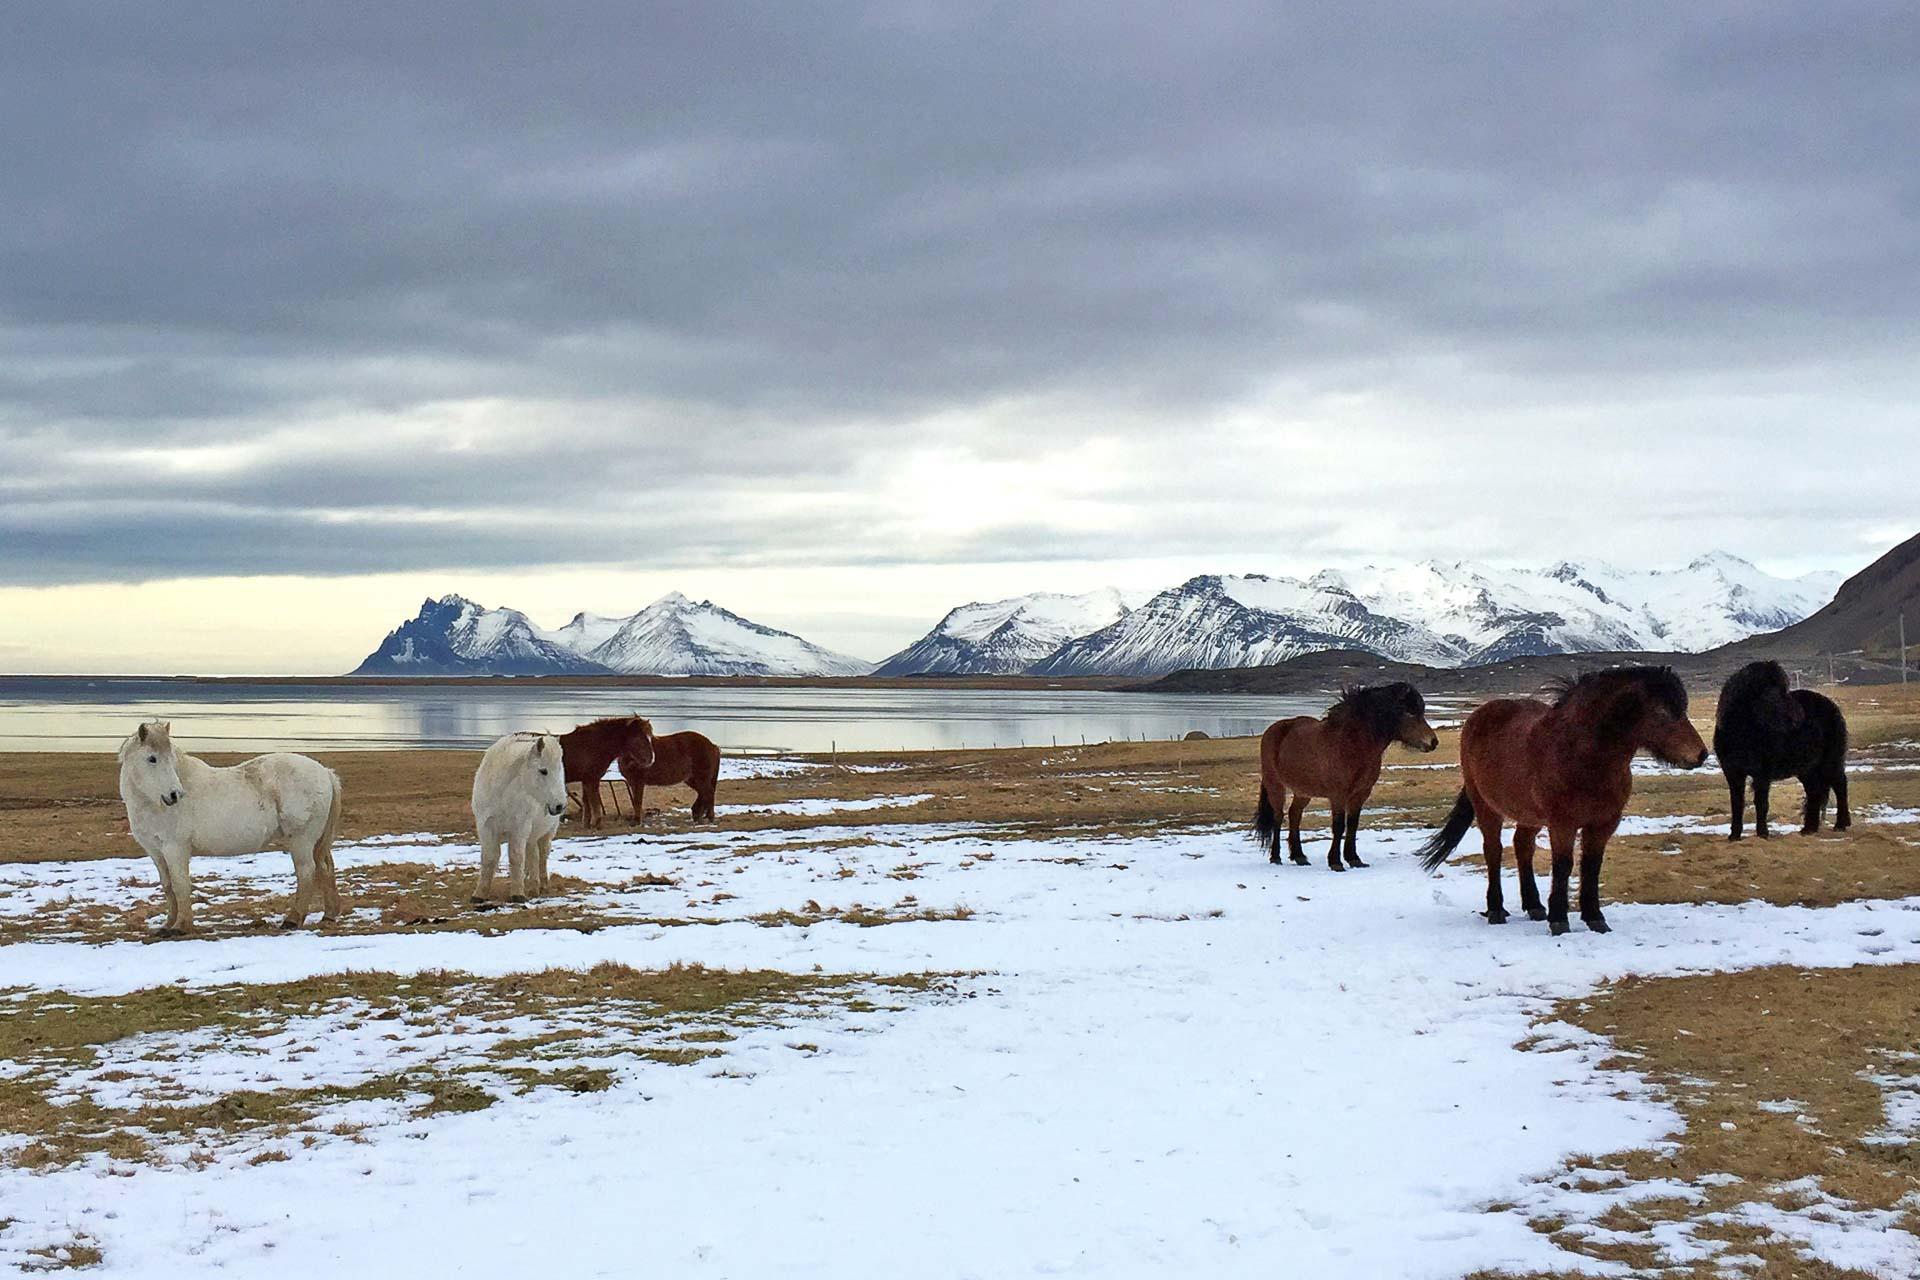 L'enseigne Six Senses Hotels Resorts Spas, spécialiste de l'ultra luxe durable et du bien-être, a annoncé l'ouverture en 2022 d'un hôtel de luxe dans un pays qui connaît un développement sans précédent de son tourisme, l'Islande.